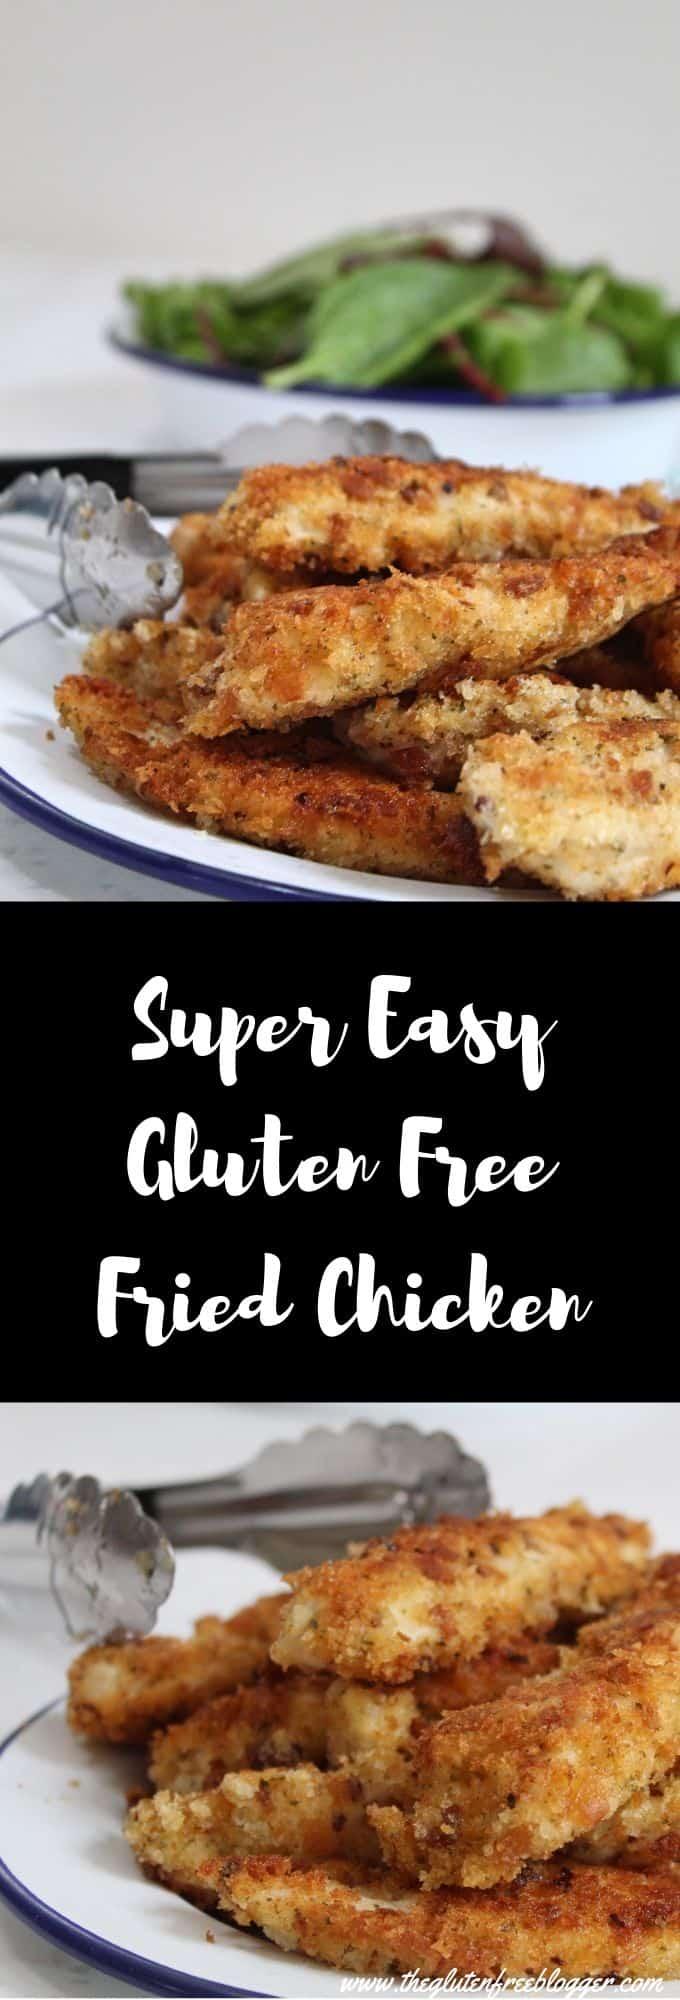 gluten free fried chicken recipe - easy gluten free dinner ideas - KFC fakeaway chicken recipe - dairy free